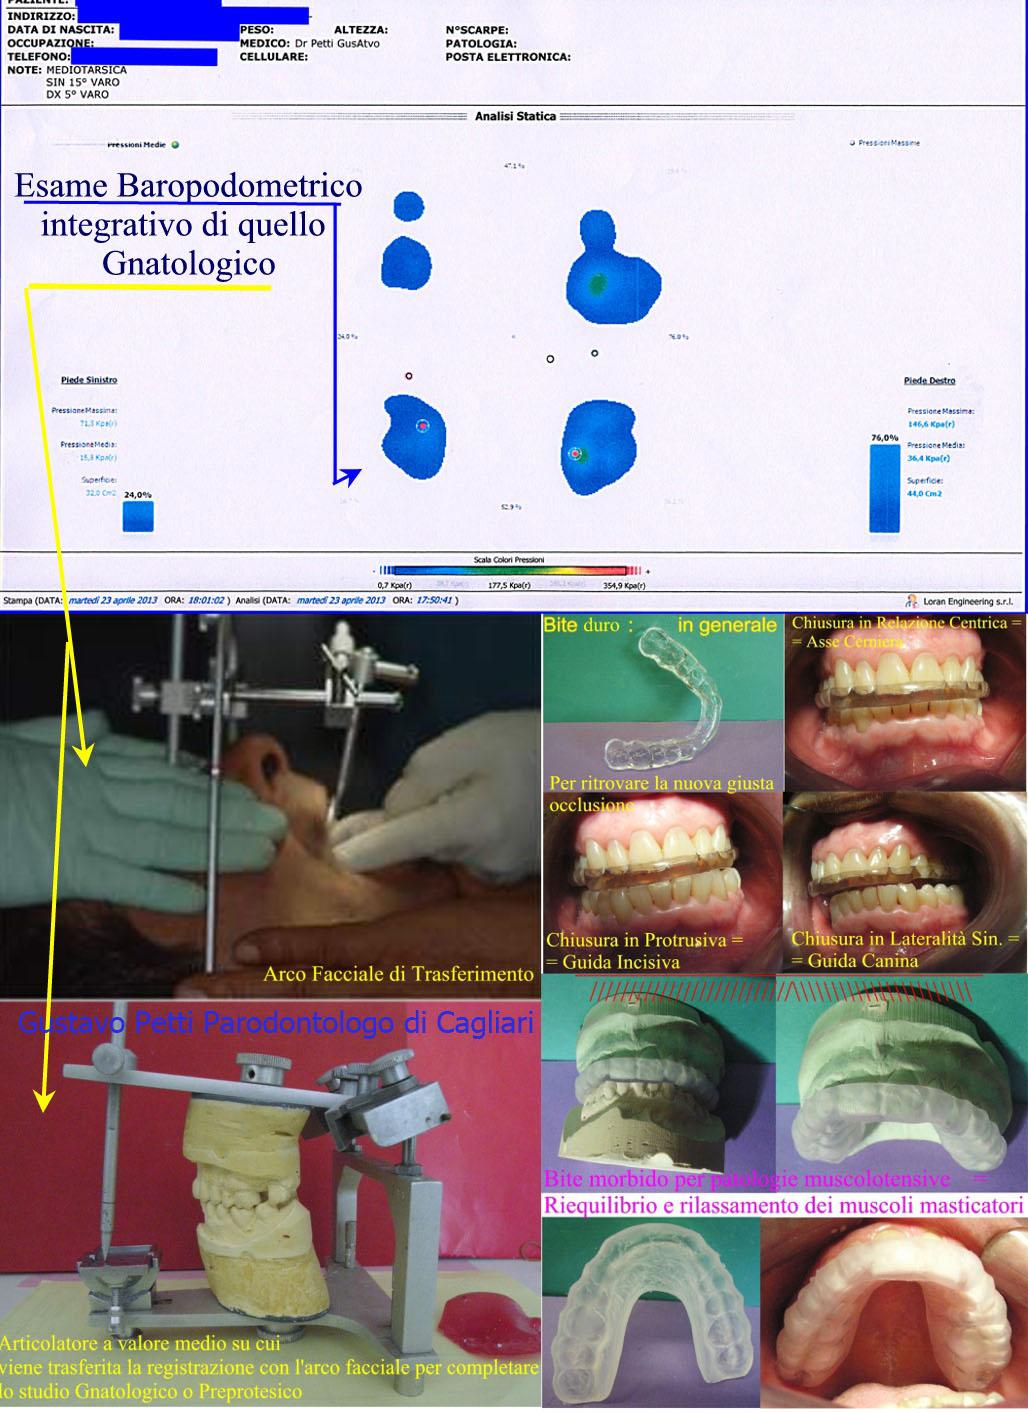 Dr.Gustavo Petti parodontologo Gnatologo di Cagliari. Parte di Valutazioni Gnatologiche con Arco Facciale, Stabilometria computerizzata e Bite Diagnostici.